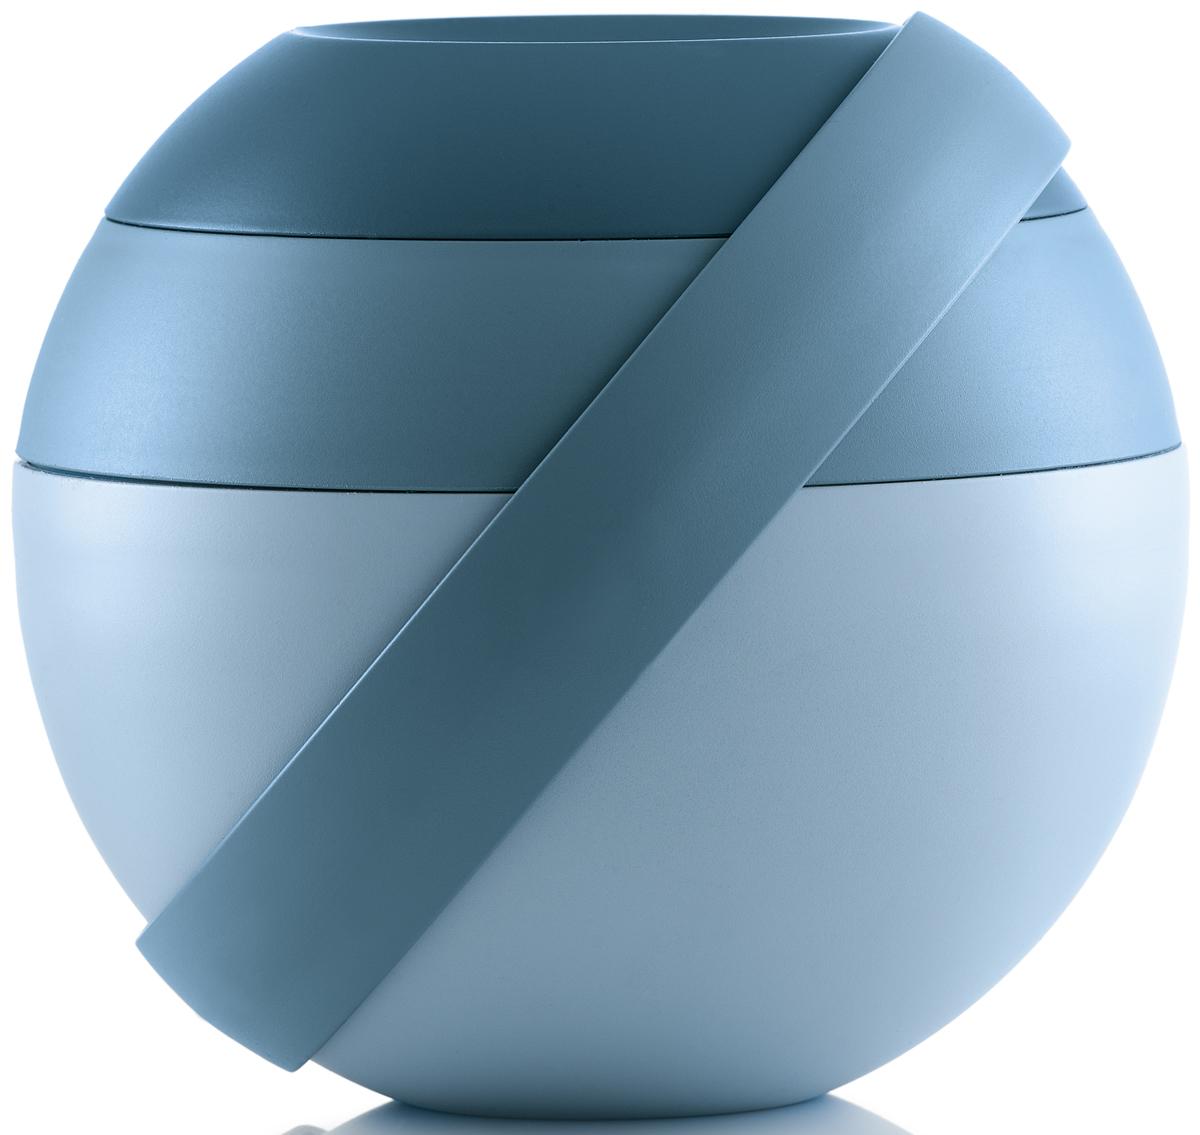 Ланч-бокс для салатов Guzzini Zero, цвет: синий, 388 мл + 780 мл100100161Ланч-бокс Zero является продолжением знаменитой линейки дизайнерских объектов от Guzzini, форма которых представляет собой шар. Он создан специально для тех, кто любит перекусить на ходу и хочет получать полезные вещества и ингредиенты, даже если находится в дороге. Он состоит из двух герметичных и вместительных чаш с крышкой, между которыми помещаются столовые приборы. Небольшая третья чаша сверху предназначена для соусов и приправ. При желании пластиковые вилка и ложка соединяются в удобные щипцы для салата.Ланч-бокс открывается и закрывается с помощью стильной ручки-пояса, которая также может менять свое положение. Когда пояс расположен вертикально, ланч-бокс закрыт и готов для транспортировки. Если нужно поставить его на поверхность, то наклоните ручку немного вбок, а для открытия приведите в горизонтальное положение. Ланч-бокс отлично подойдет для салатов, легких закусок, орехов и фруктов. Объем средней чаши - 388 мл. Нижней - 780 мл. Не содержит вредных примесей и бисфенола-А. Можно мыть в посудомоечной машине. Не использовать в микроволновой печи.